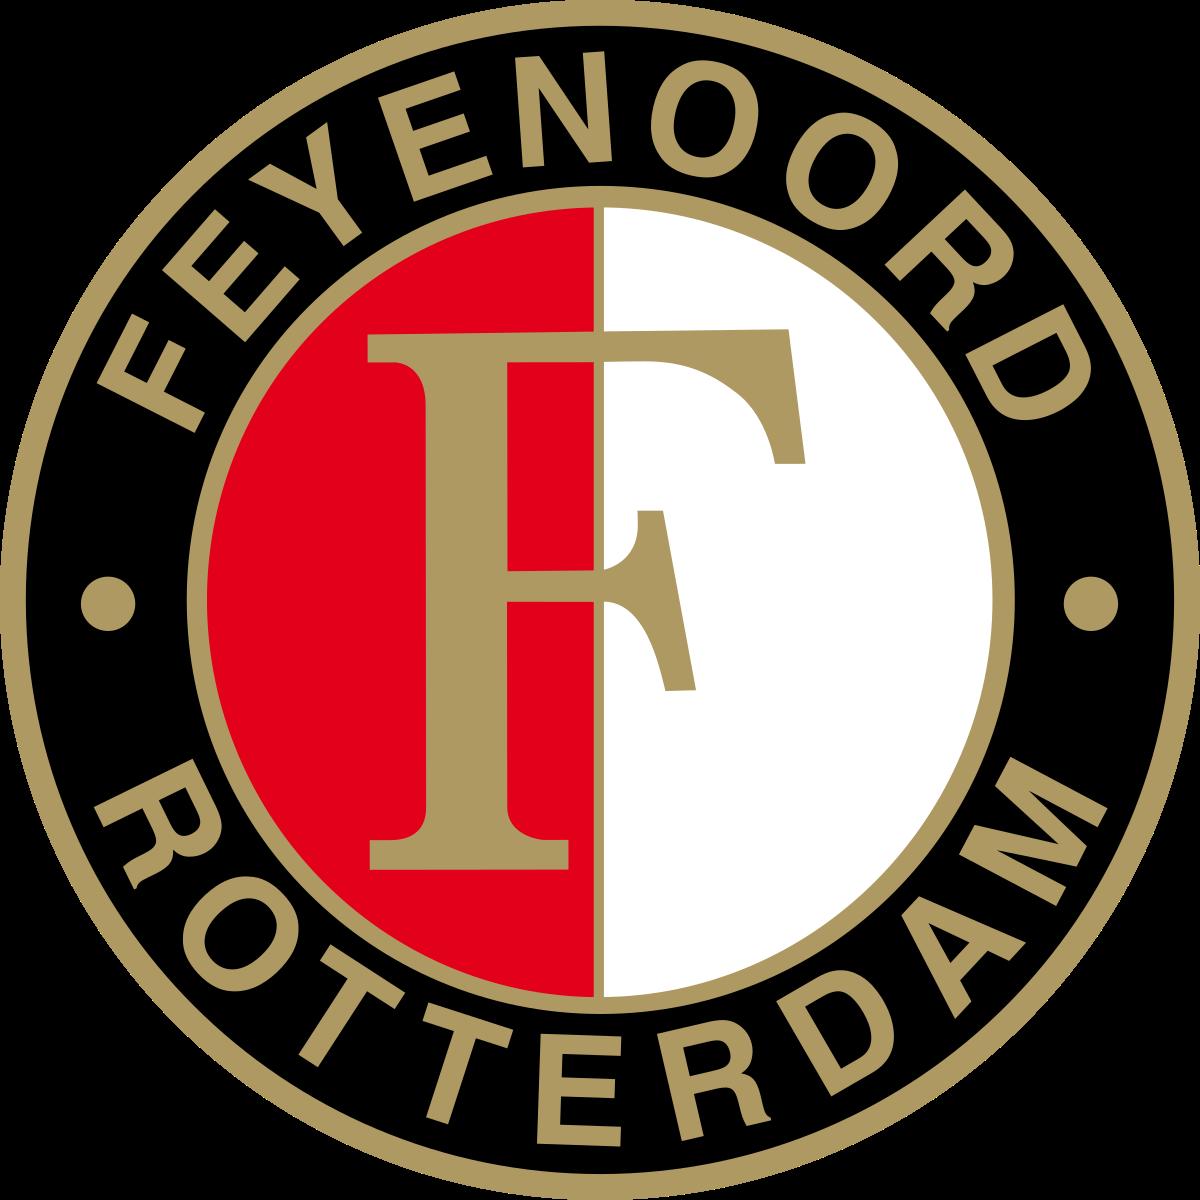 Feyenoord U-19 logo